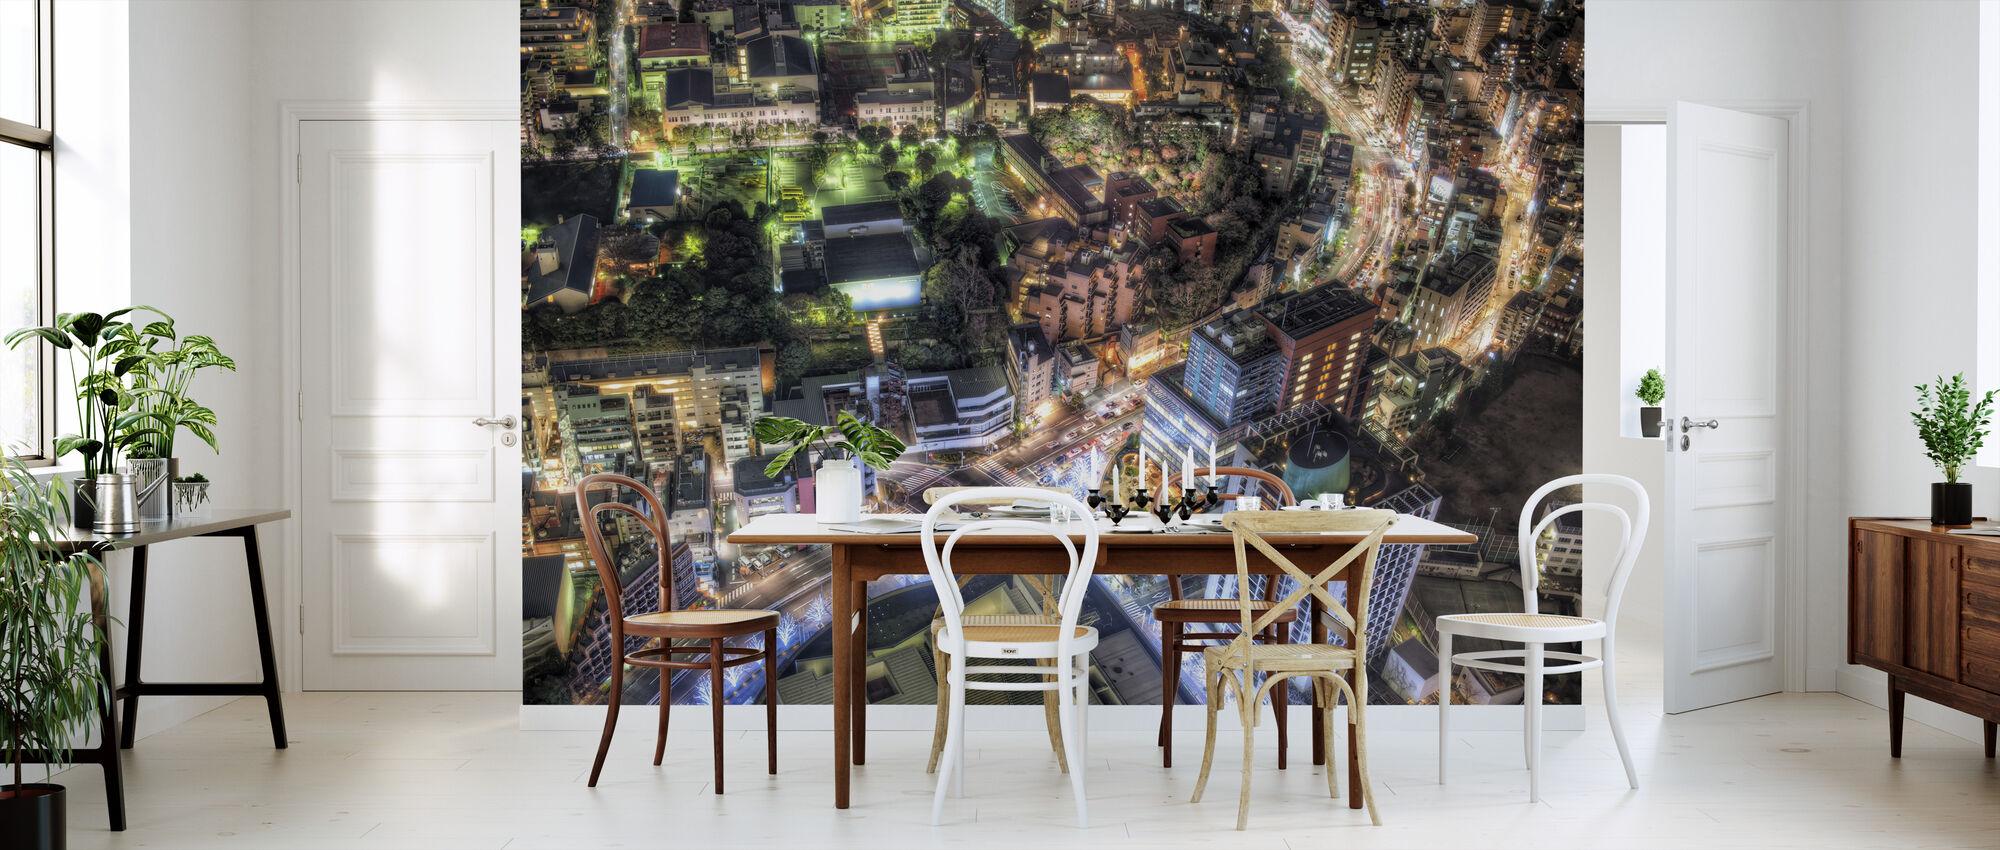 Tokyo nightscape from Roppongi Hills gazebo - Wallpaper - Kitchen